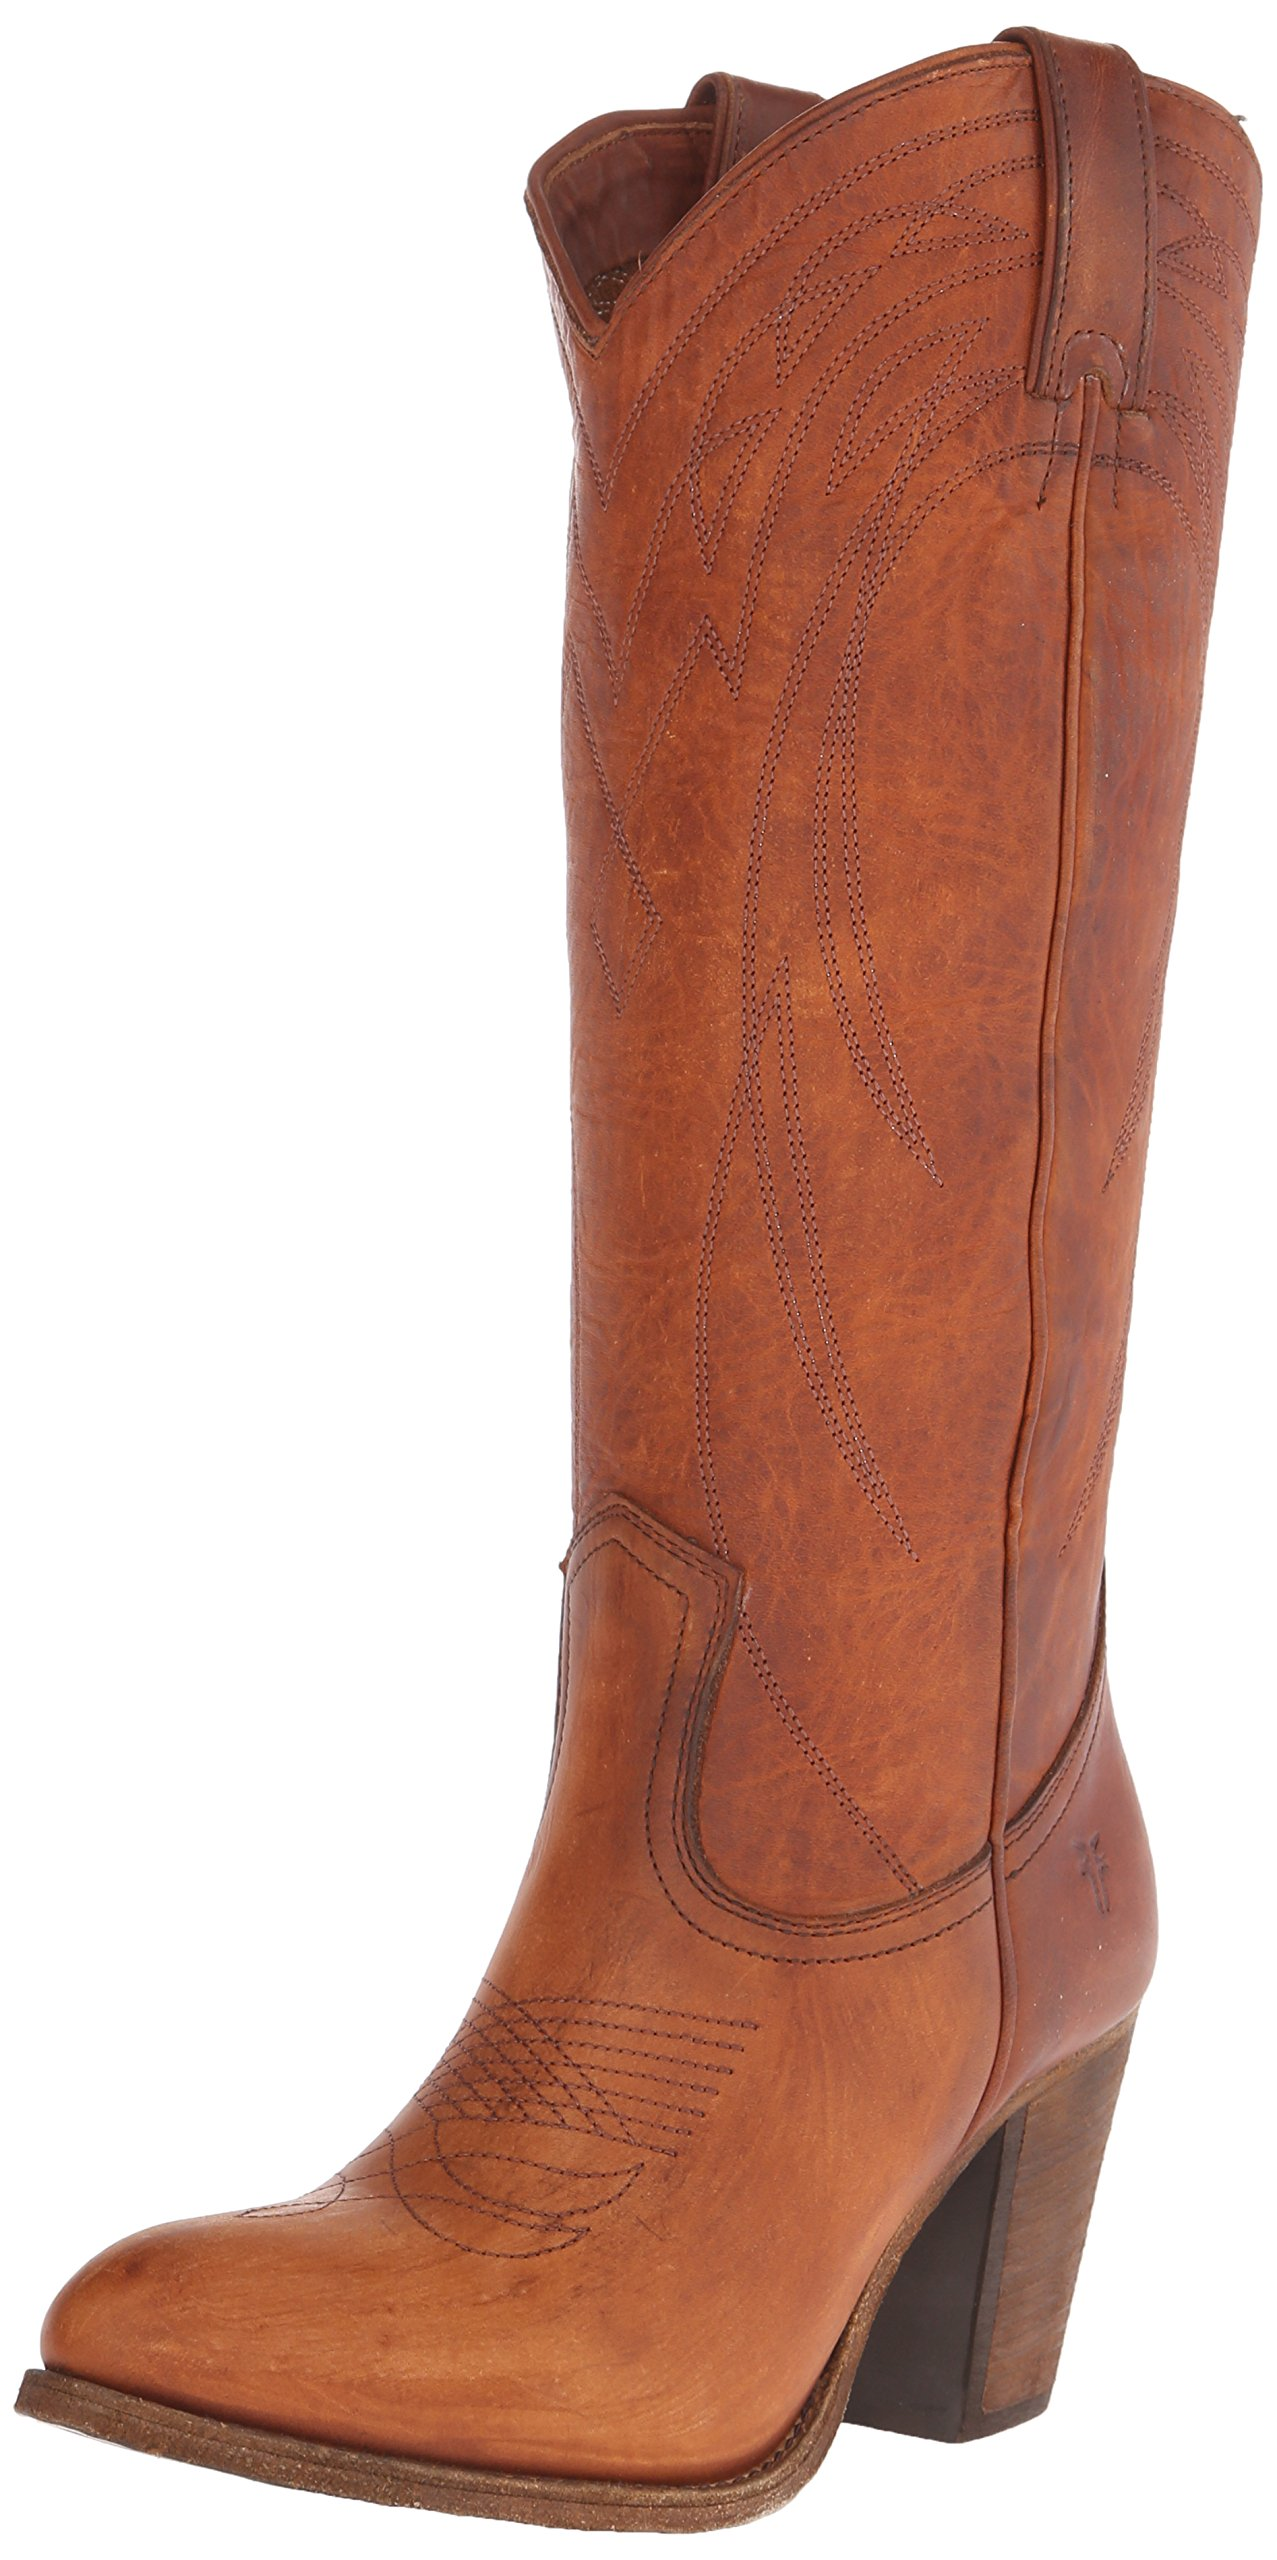 FRYE Women's Ilana Pull On-WSHOVN Western Boot, Cognac, 6.5 M US